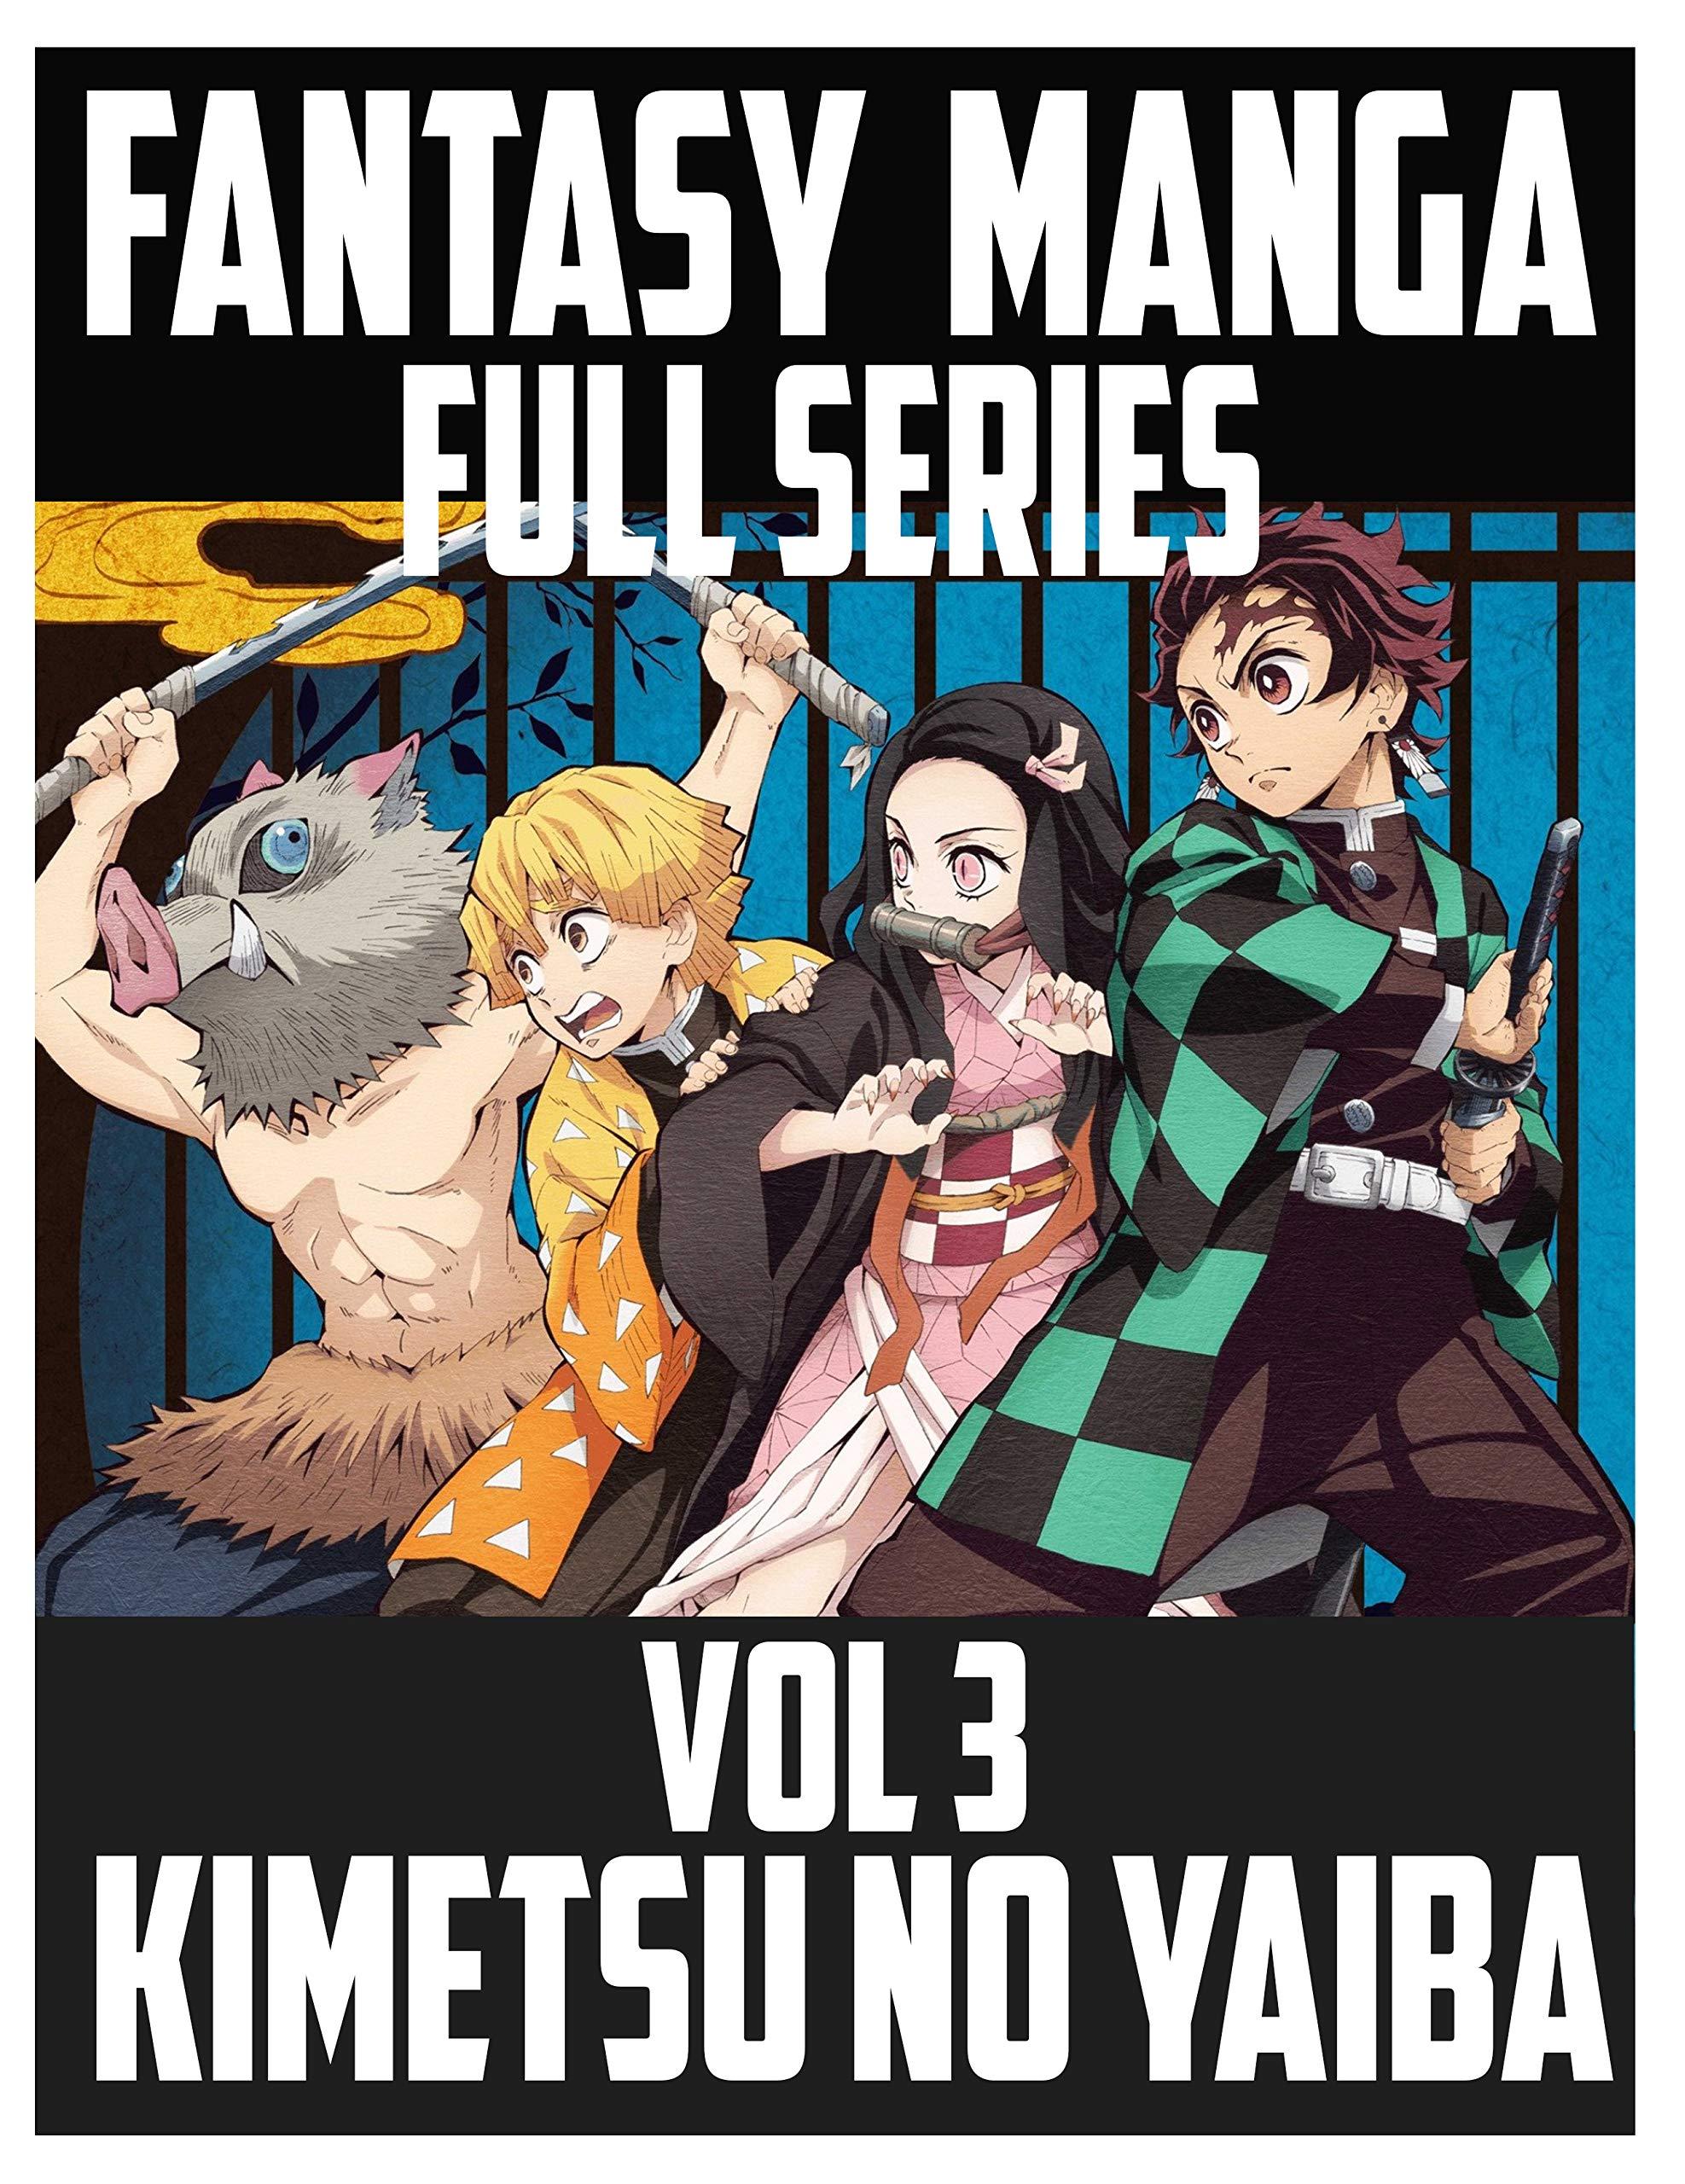 Best Fantasy Manga Series Kimetsu no Yaiba: Kimetsu no Yaiba Demon Slayer bestmanga vol 3